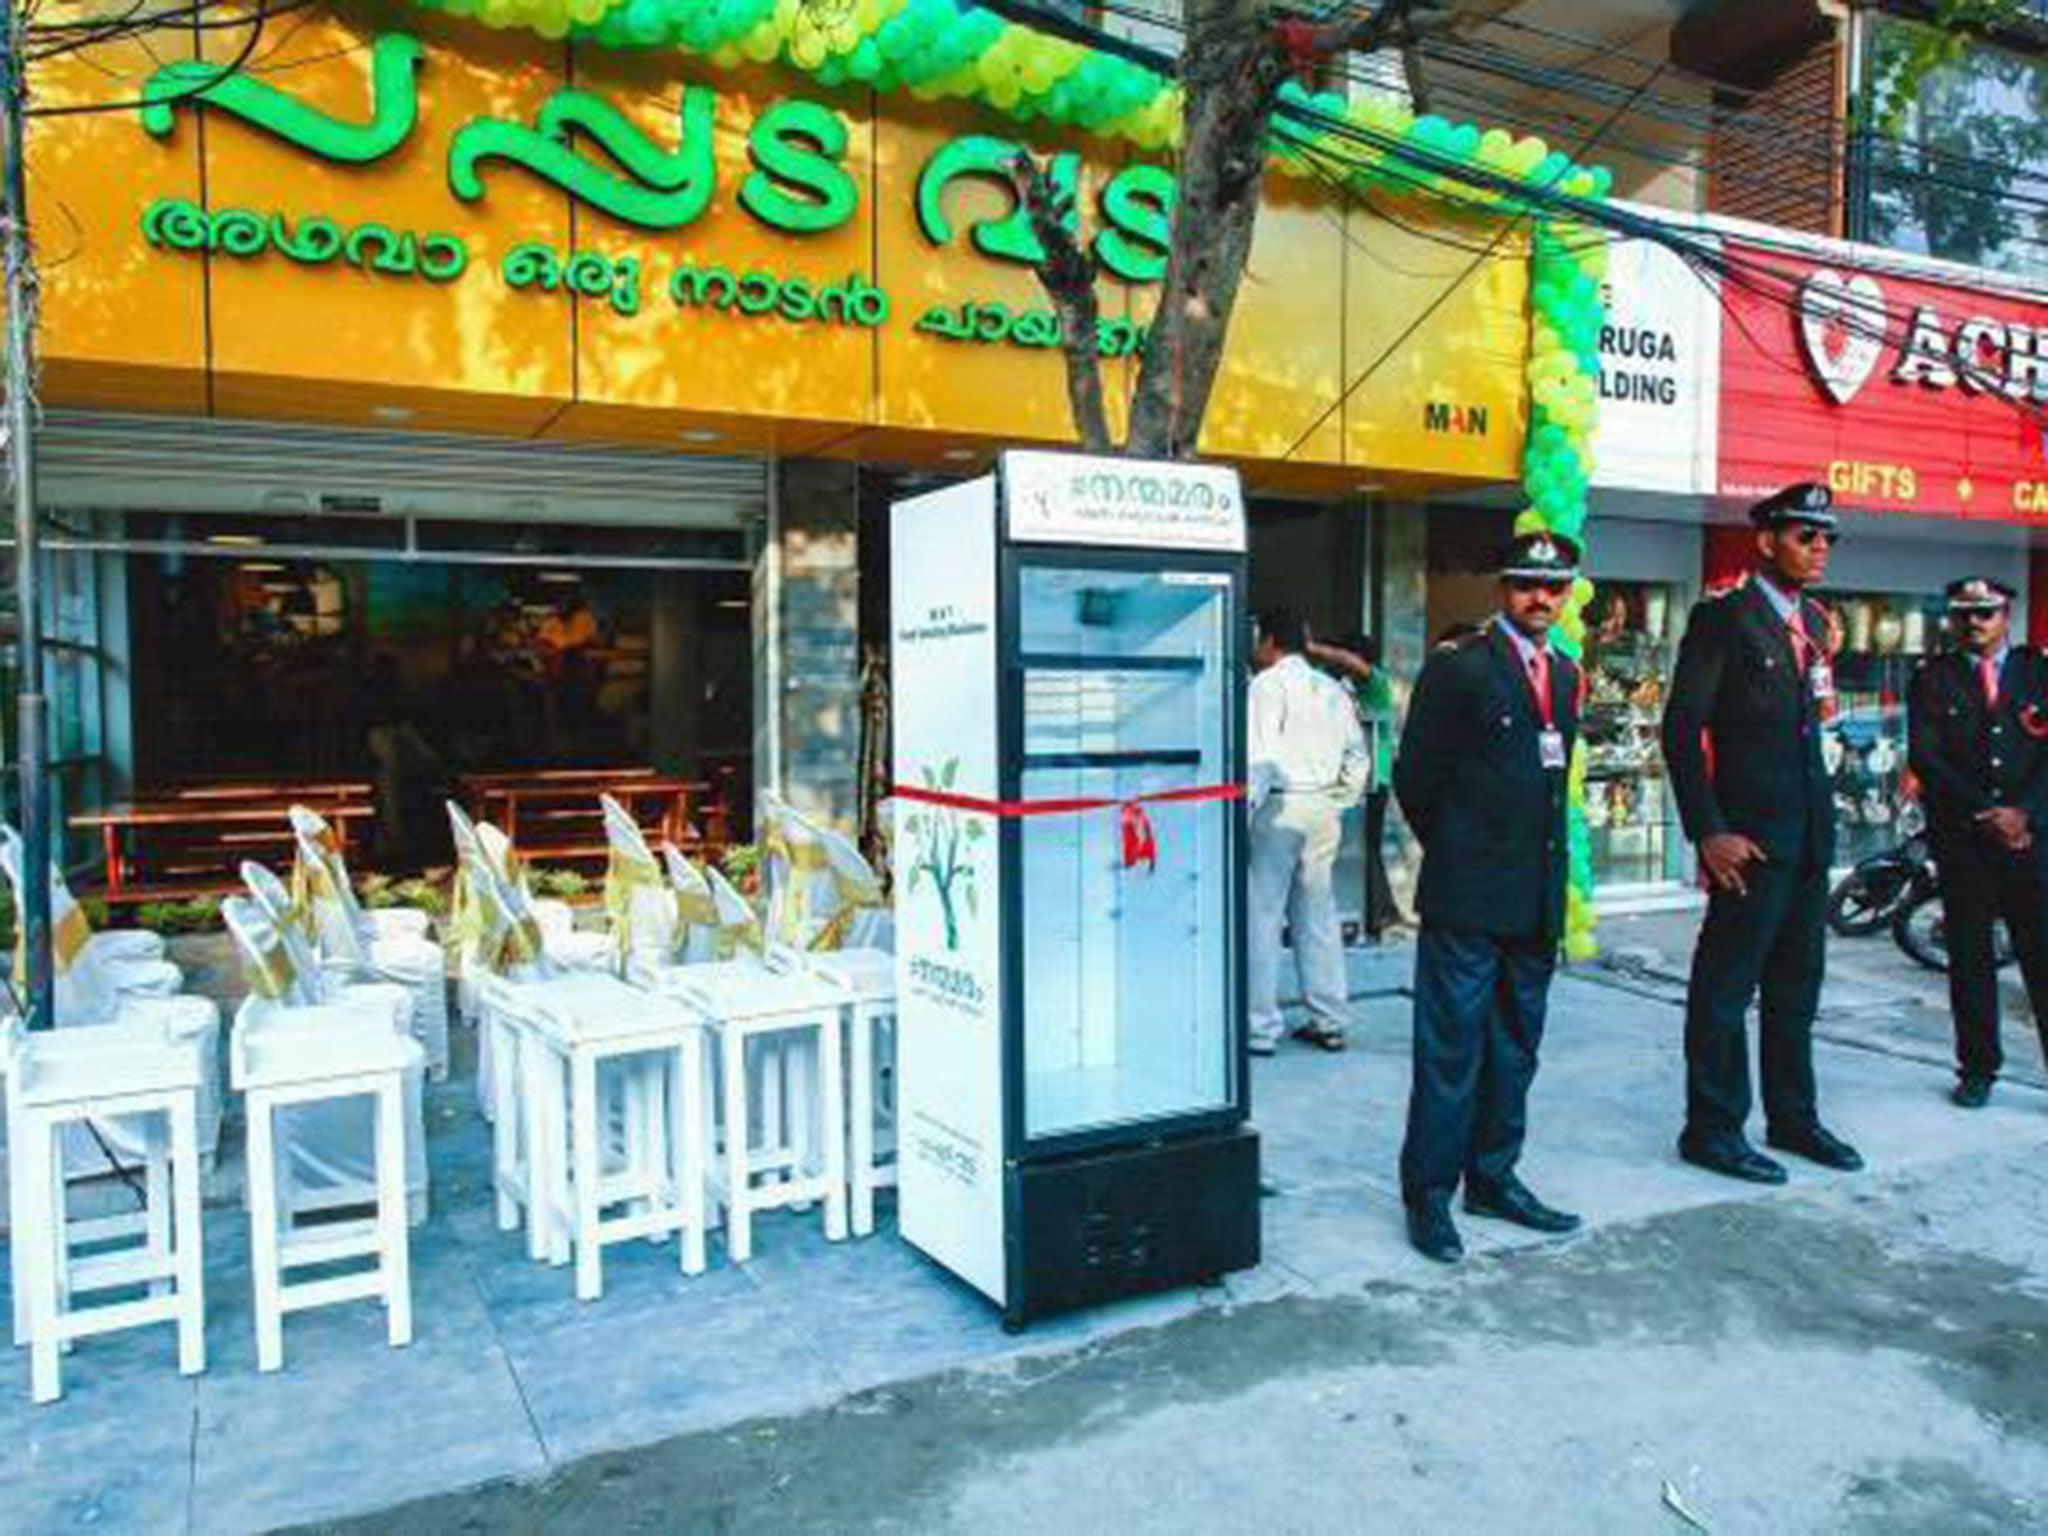 Restaurant owner installs fridge outside to feed the homeless